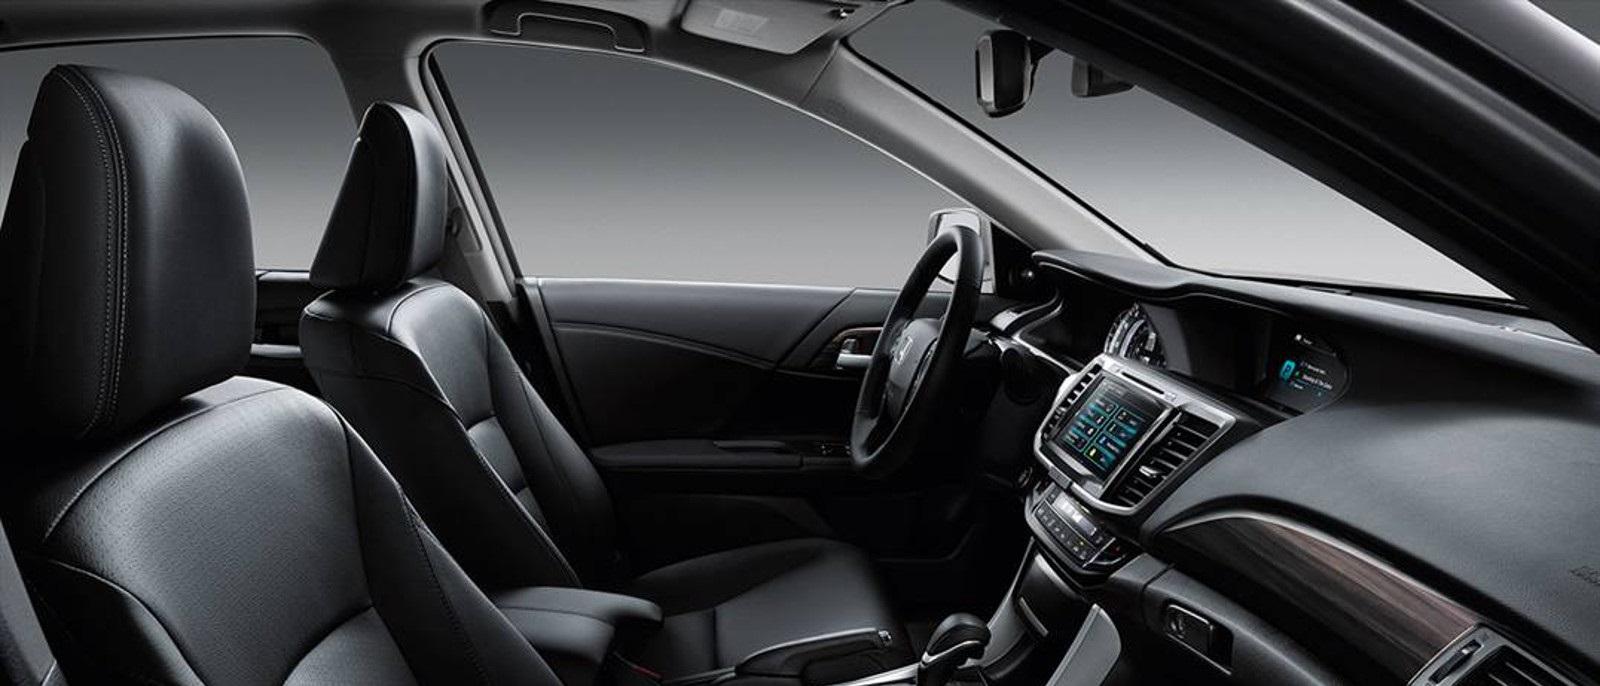 2016 Honda Accord Sedan Seats